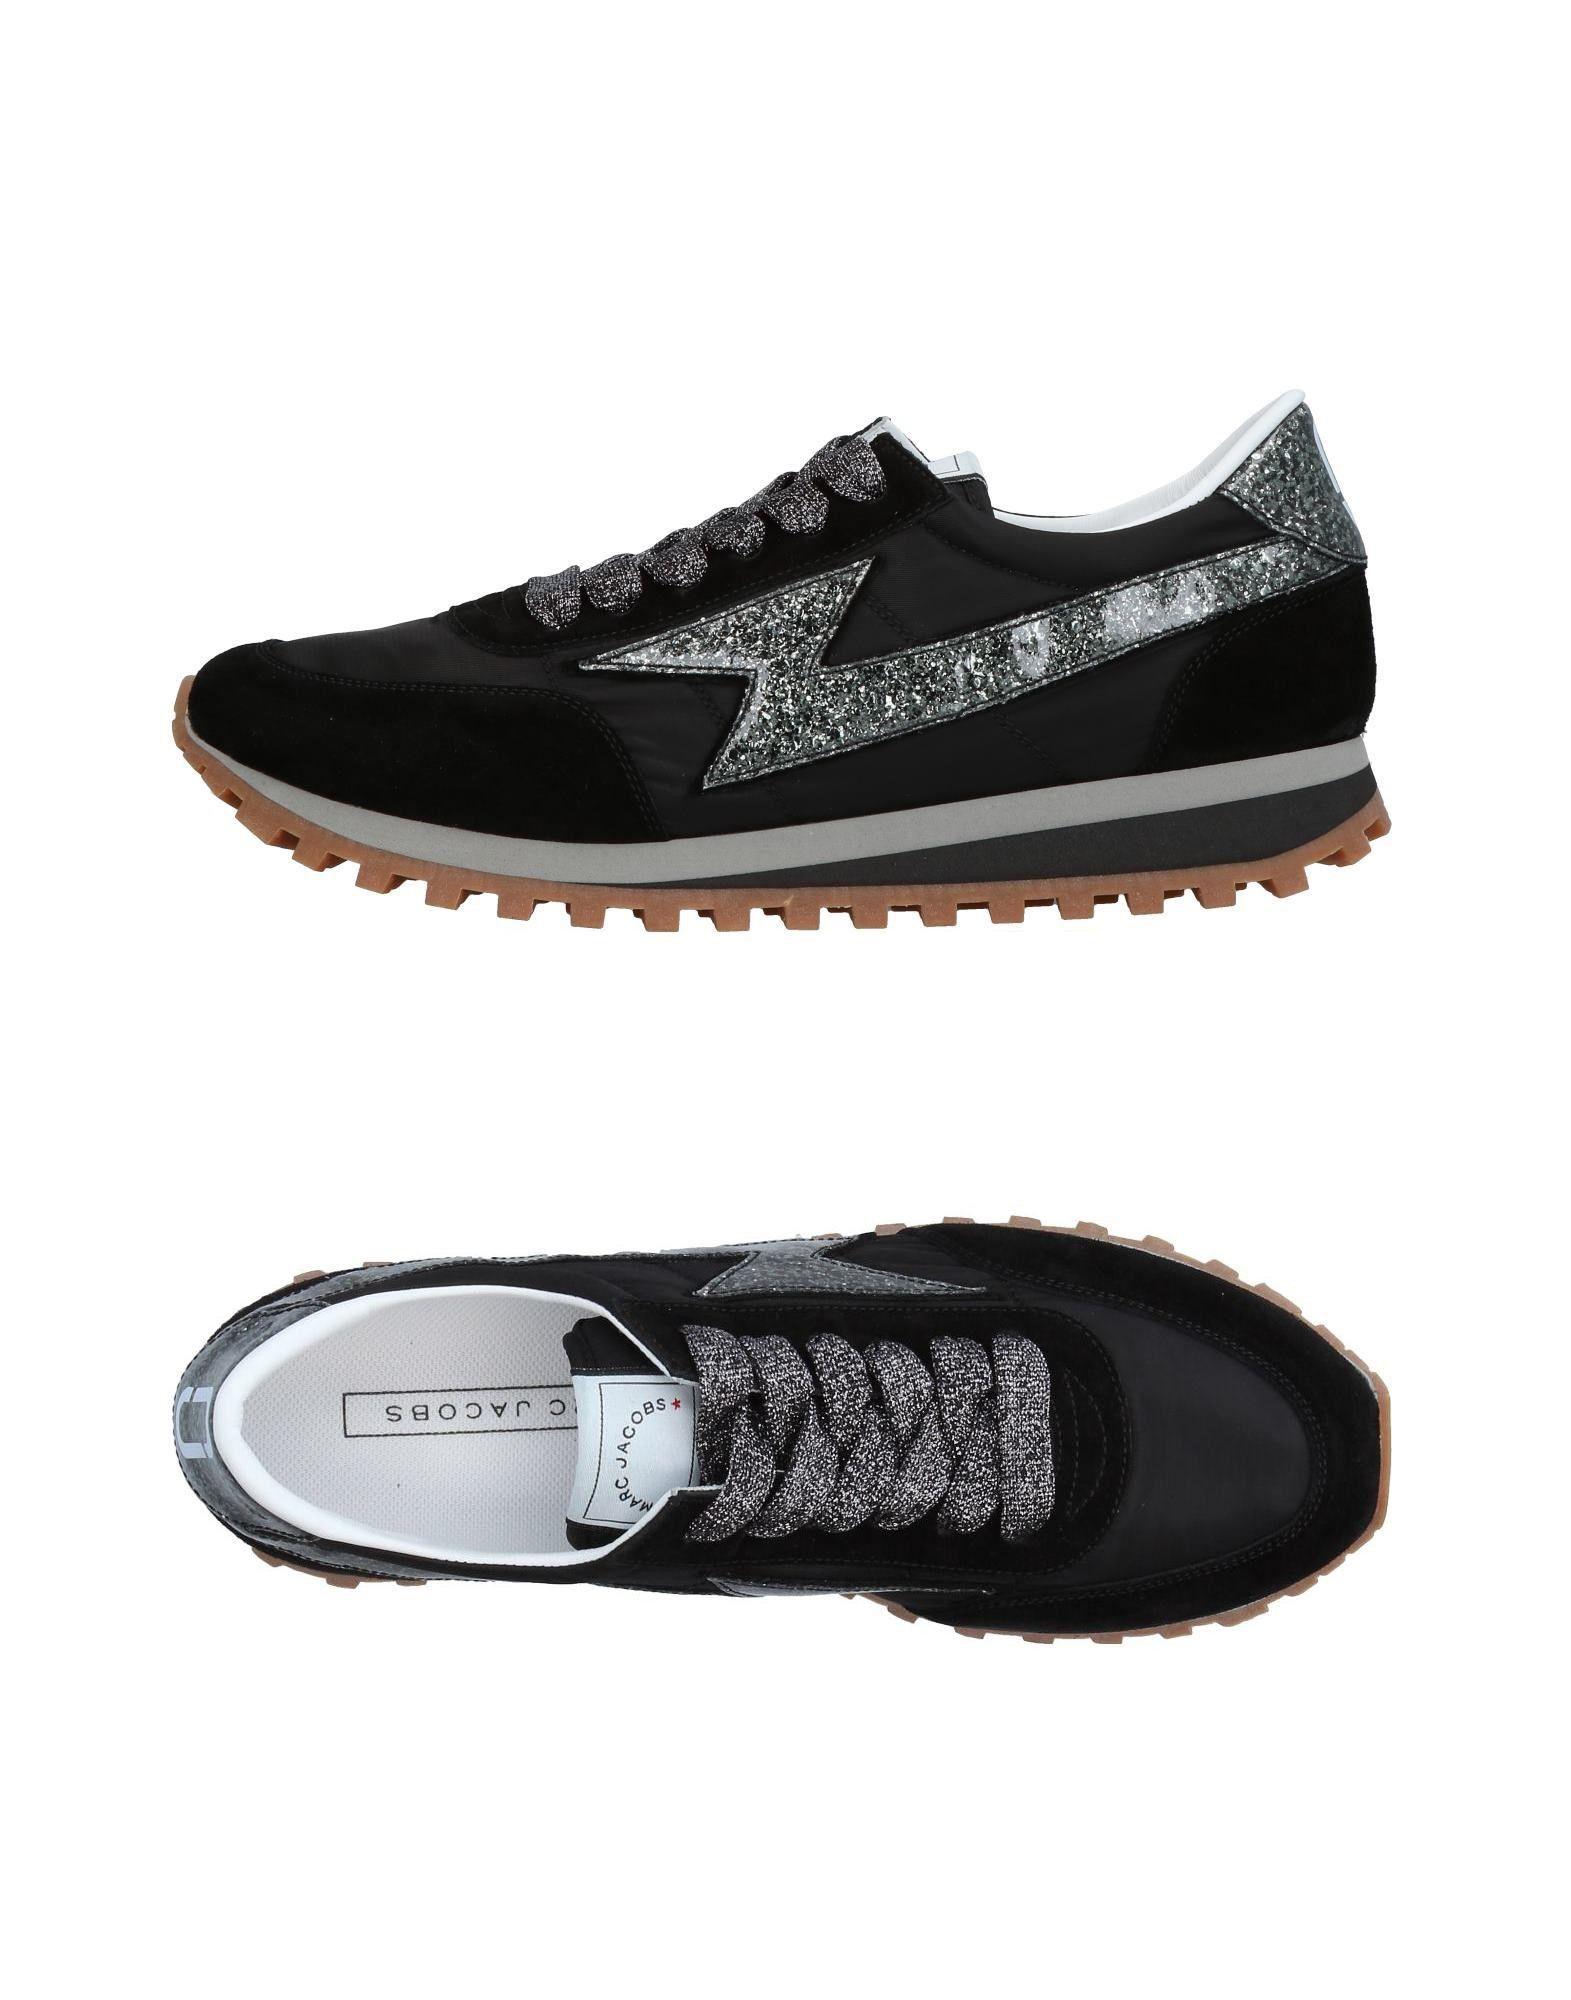 Marc Jacobs Sneakers Herren  11340391GE Gute Qualität beliebte Schuhe